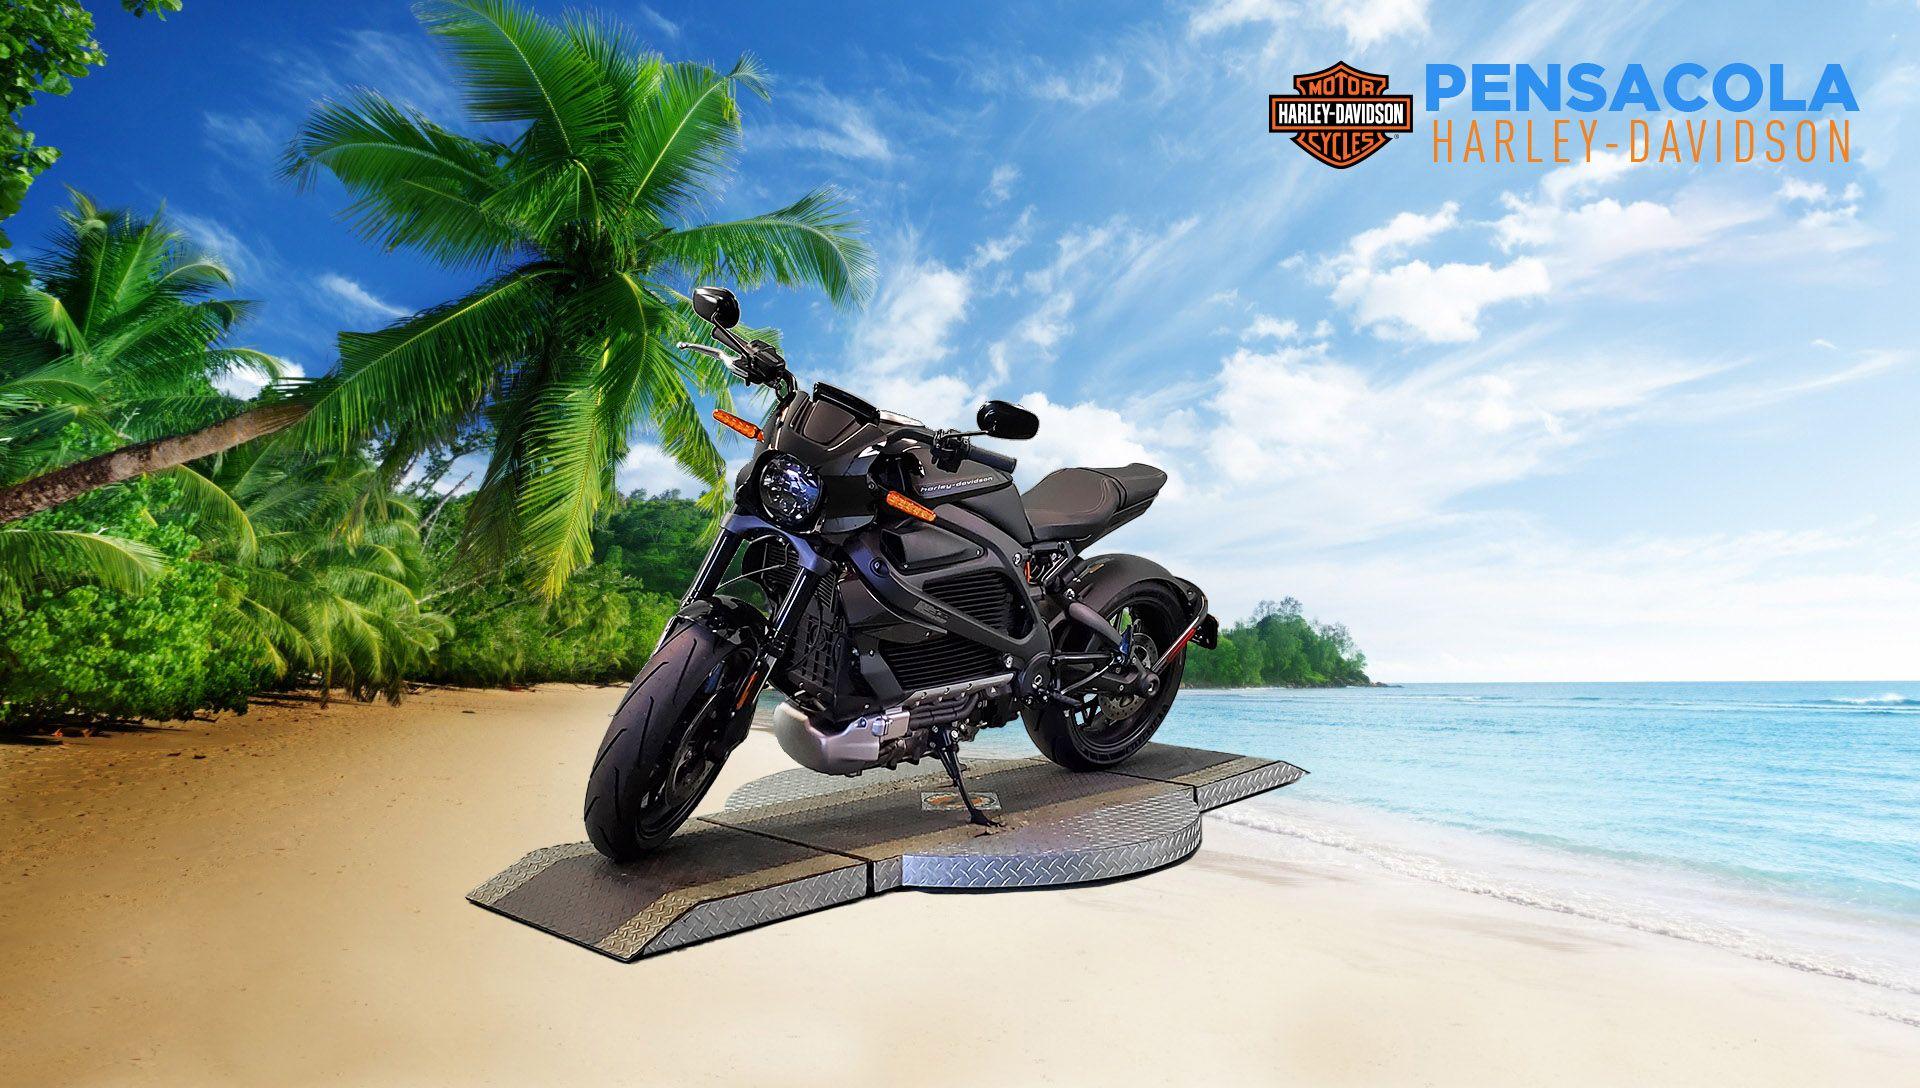 New 2020 Harley-Davidson LiveWire ELW